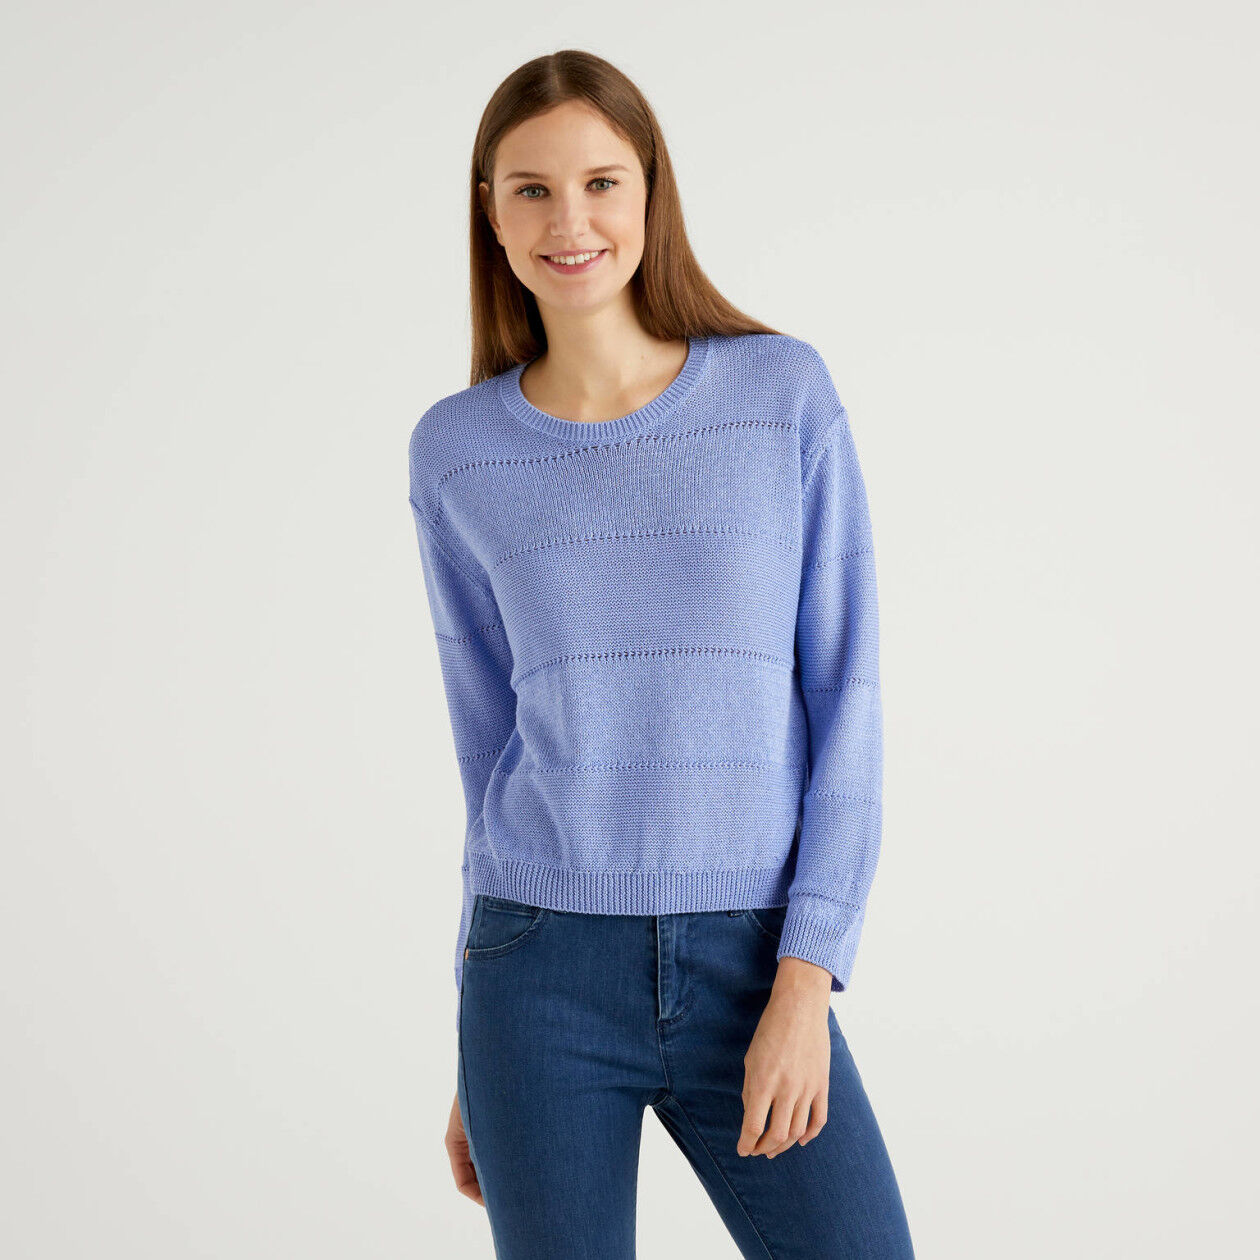 Sweater with lurex thread